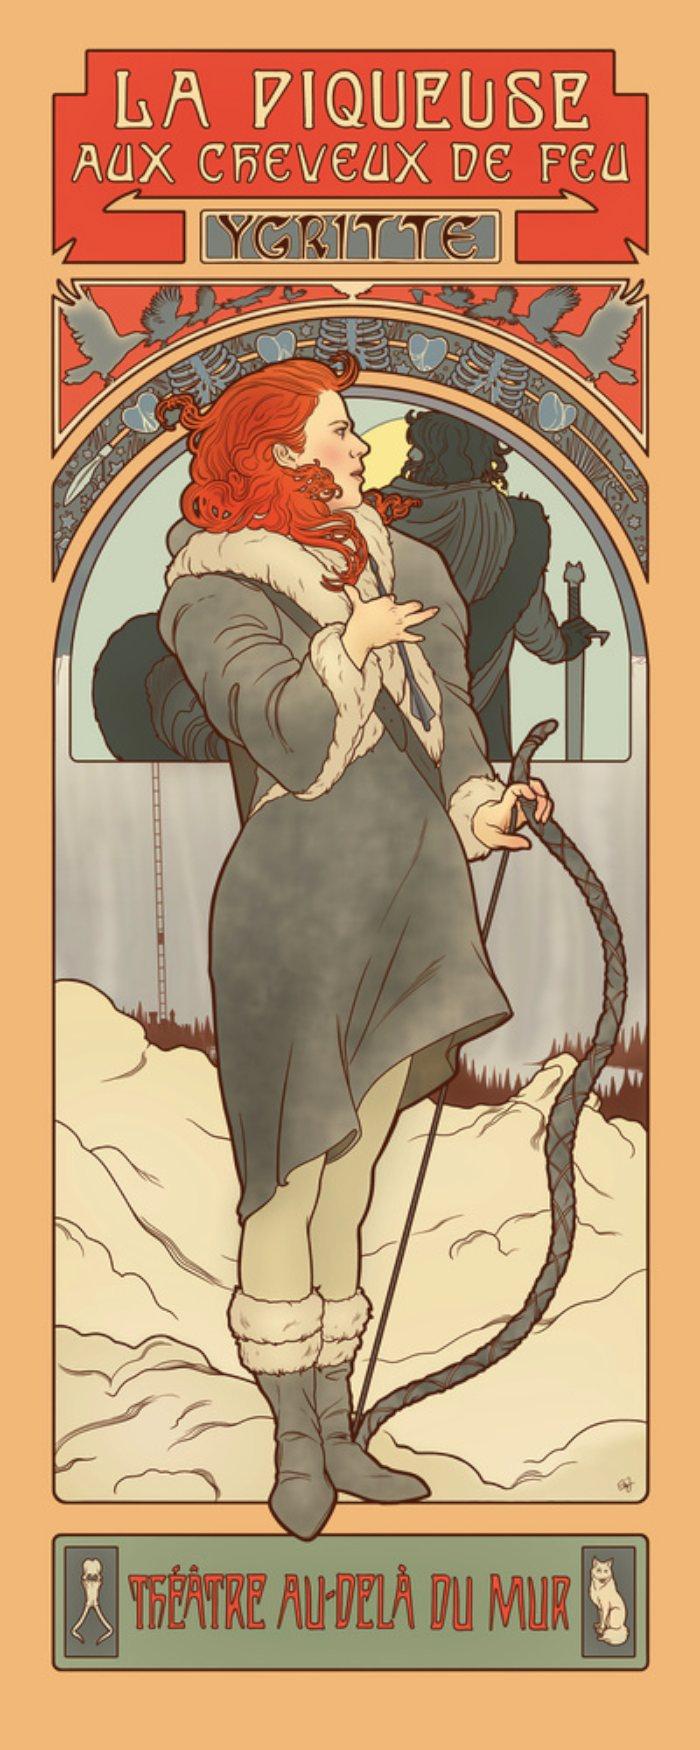 Elin Jonsson é o nome da ilustradora que teve a ótima ideia de misturar o estilo art nouveau super decorado do Alphonse Mucha com as personagens principais de Game of Thrones, a melhor série de tv da atualidade. E, ela fez isso de um jeito bem interessante e usando todas as possibilidades do art nouveau. Tenho certeza de que teria um poster desse na minha sala só para me lembrar de que a quarta temporada está chegando ao fim.